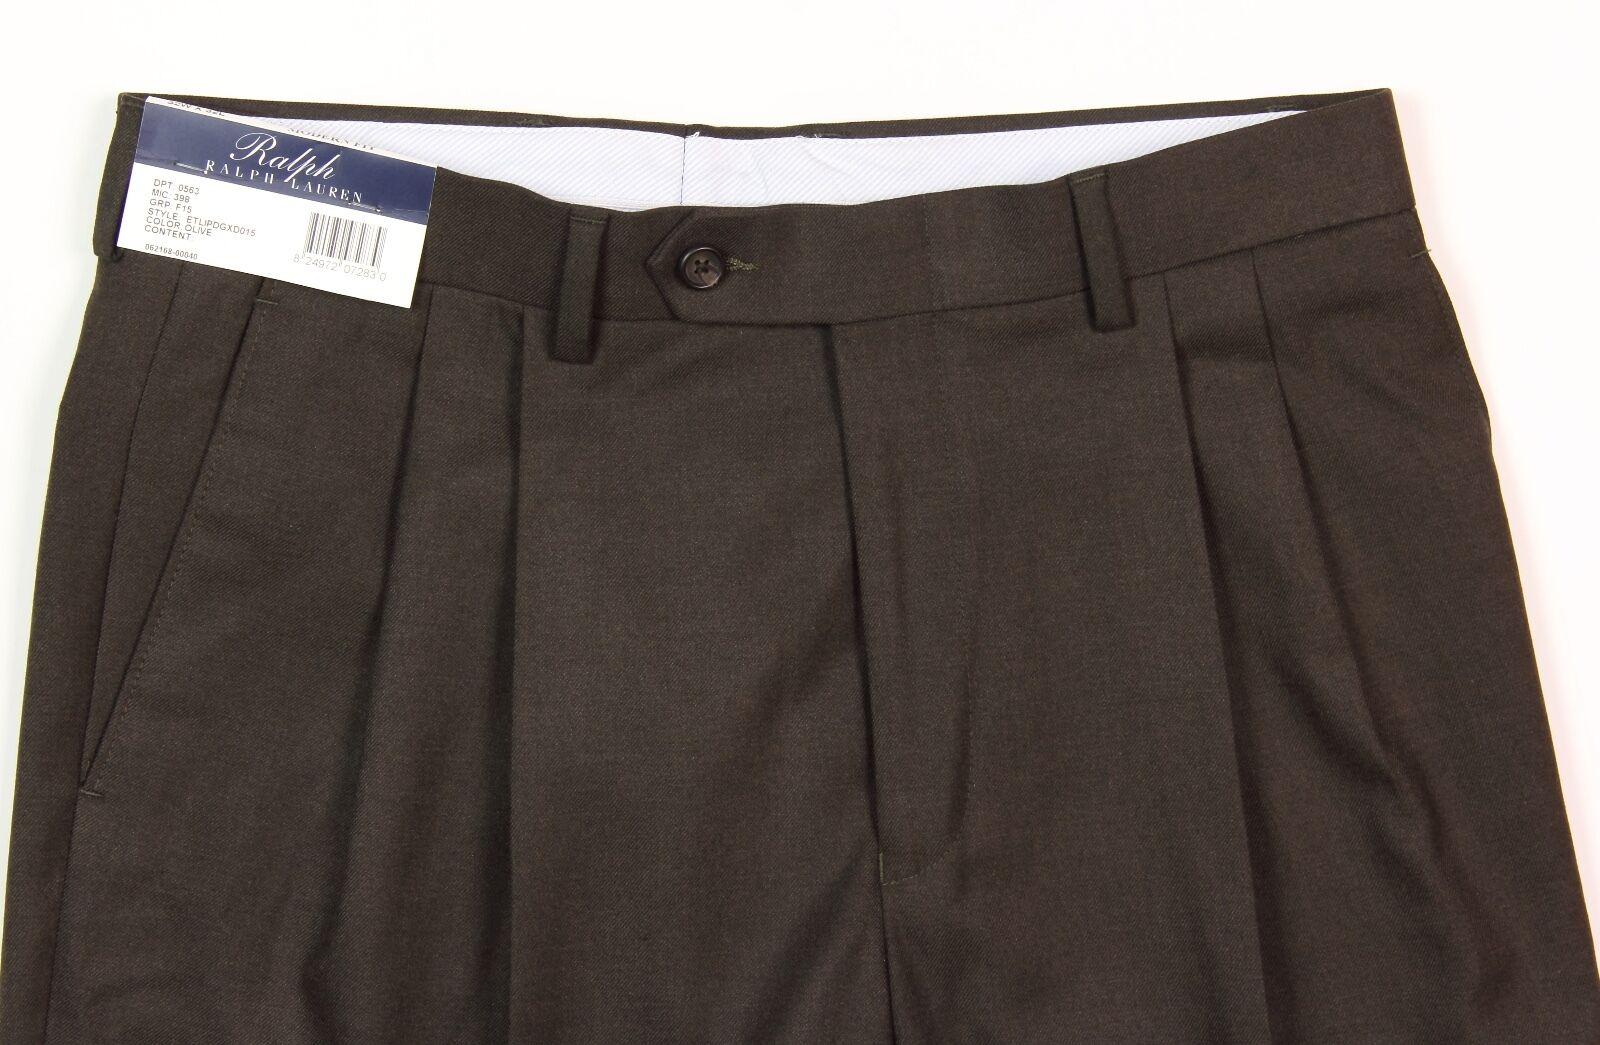 Men's RALPH LAUREN Olive Green   Brown Dress Pants 34x34 34 NWT NEW Comfort Flex